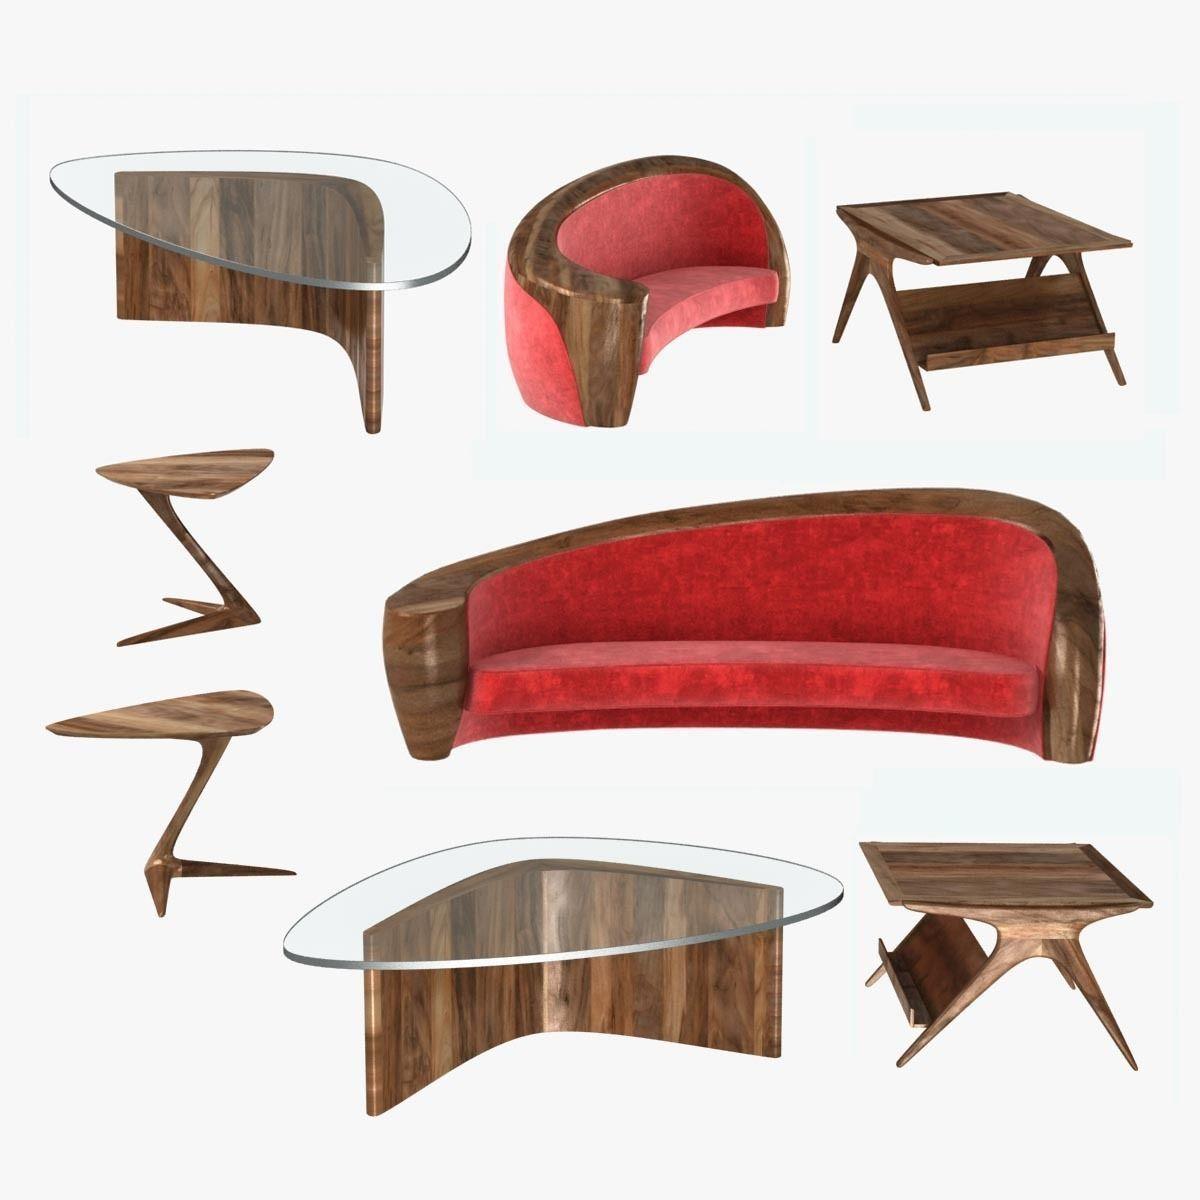 holly hunt mesa sofa dimensions smart kagan designs new blog wallpapers